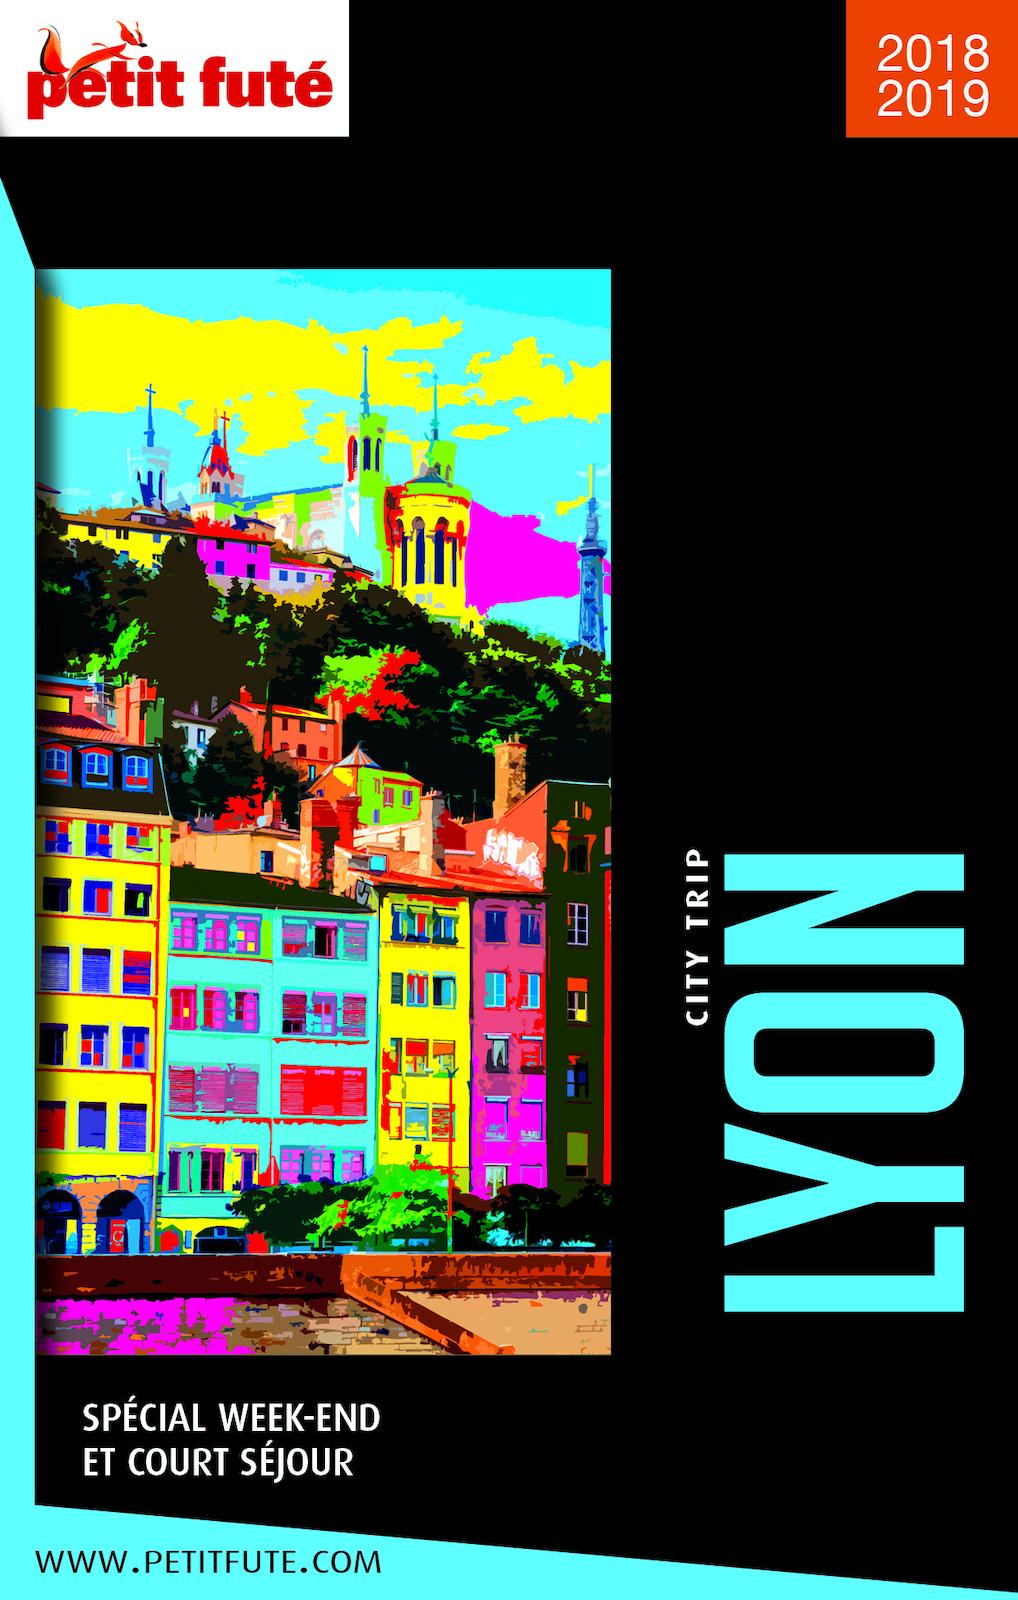 LYON CITY TRIP 2018/2019 City trip Petit Futé